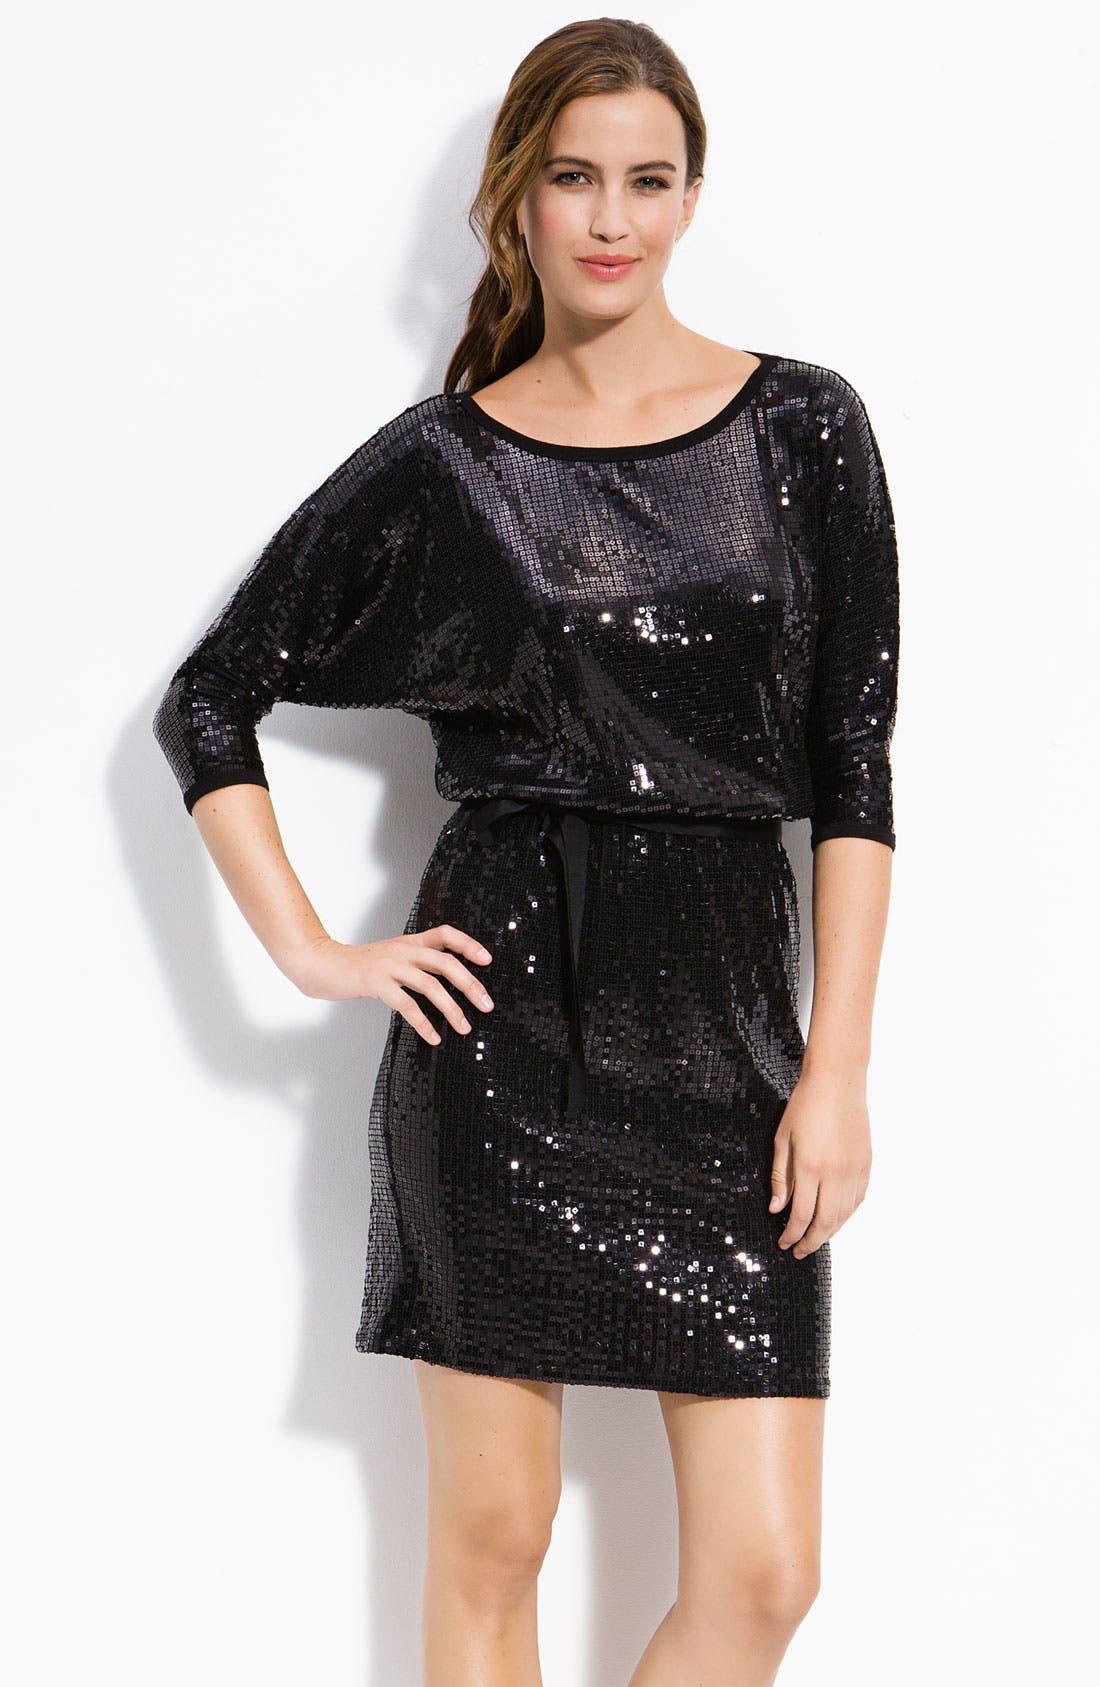 Alternate Image 1 Selected - Karen Kane Dolman Sleeve Sequin Dress